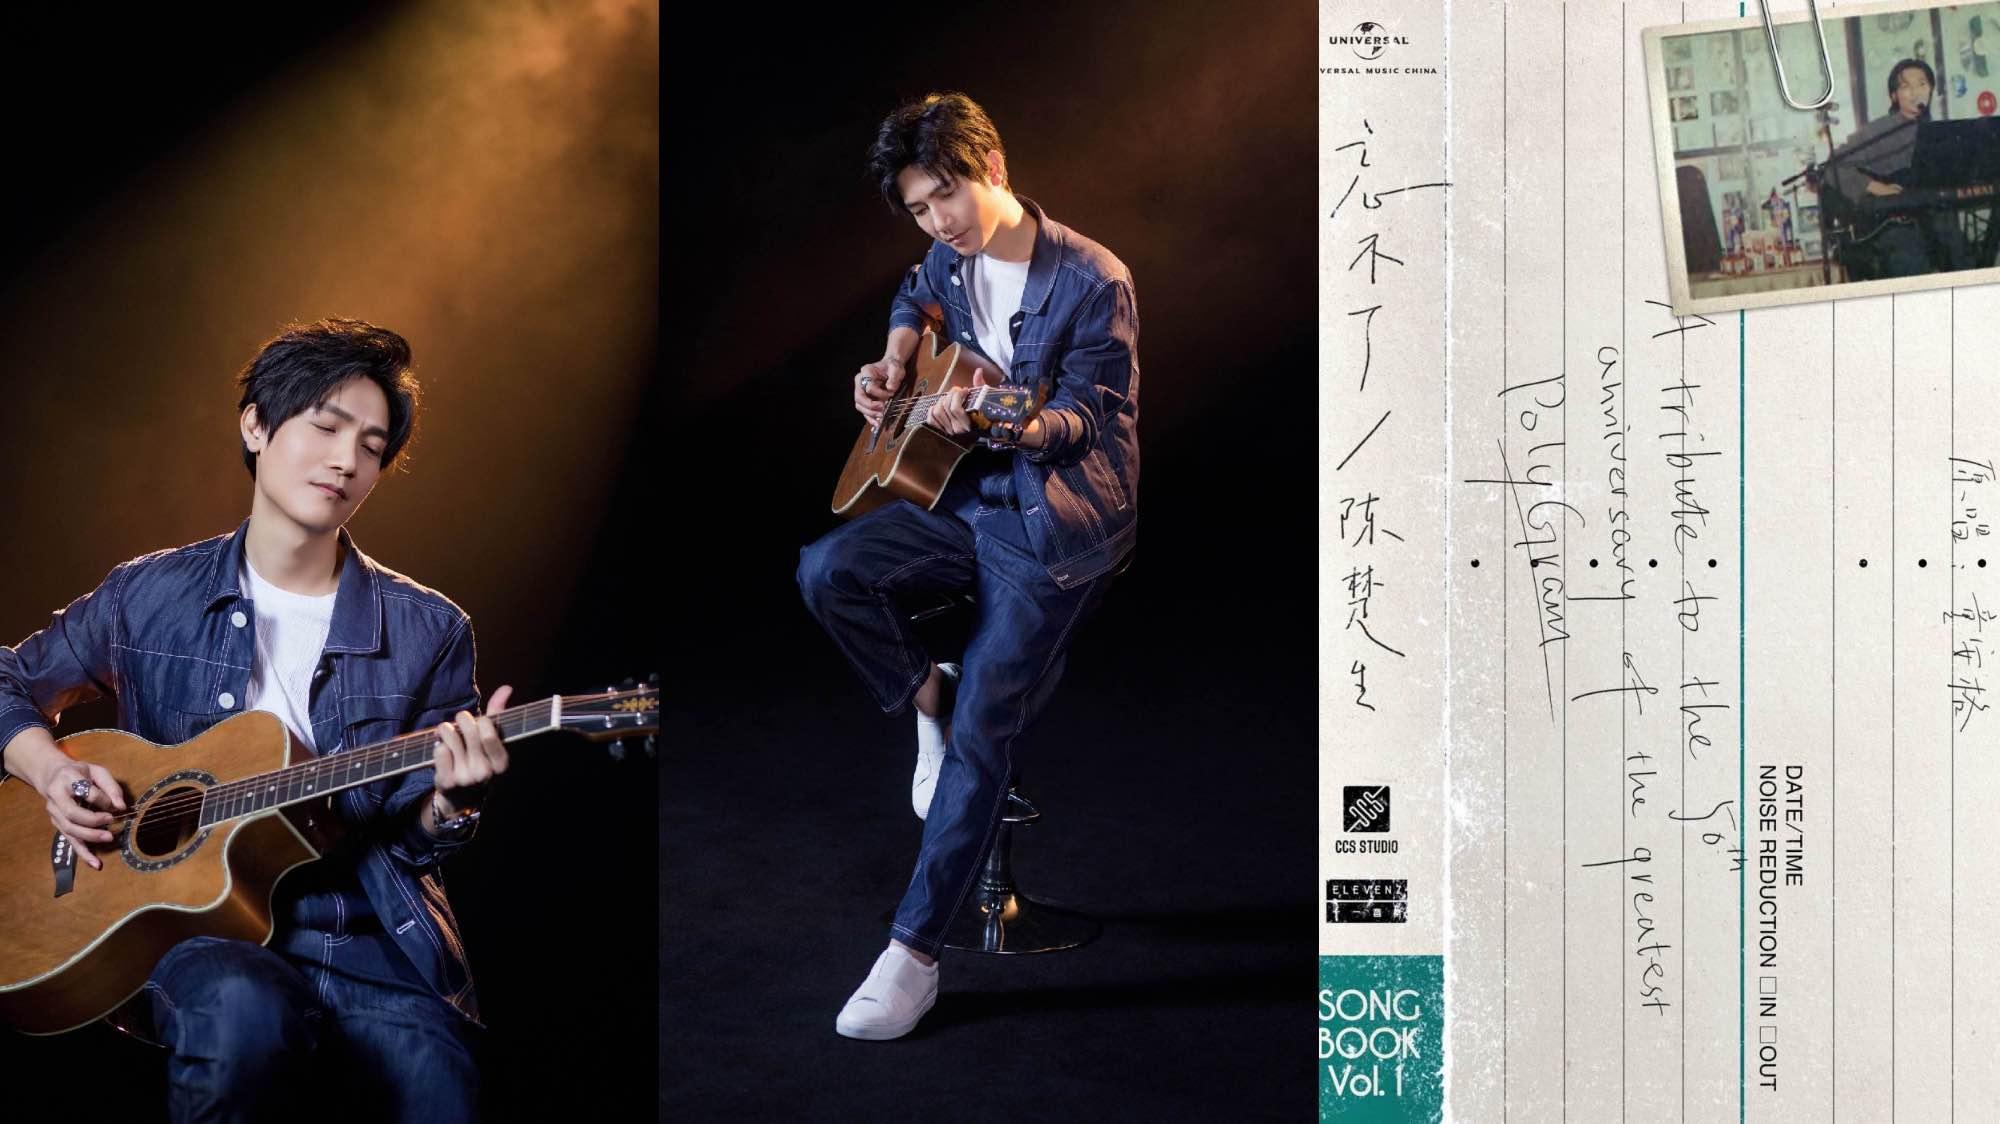 陈楚生重新演绎经典情歌《忘不了》今日上线   开启致敬宝丽金 50 周年序篇